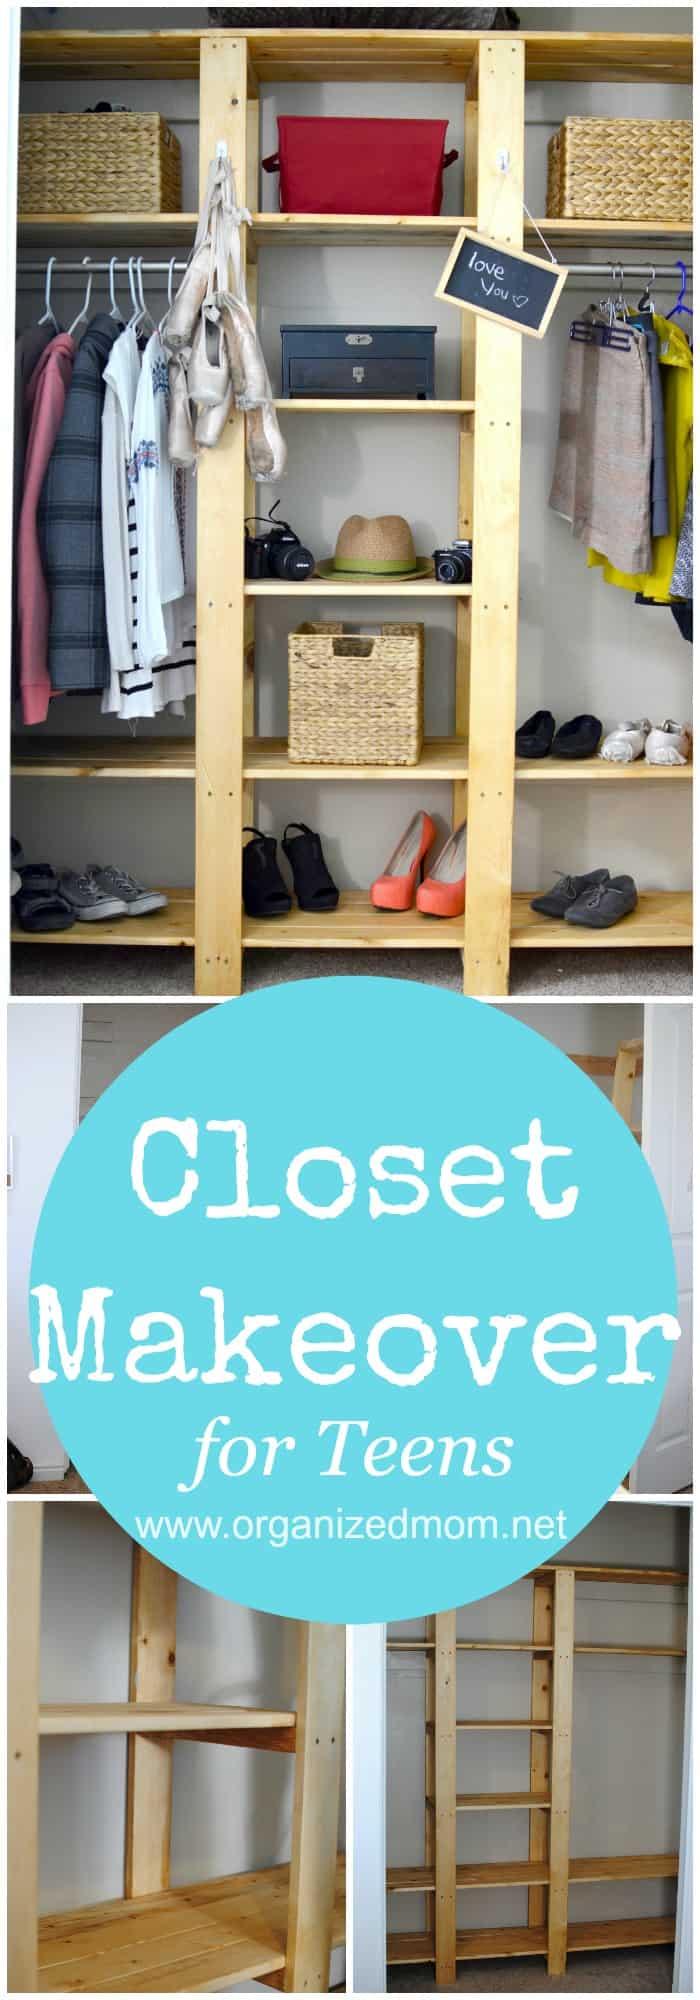 diy-home-decor-closet-makeover-for-teens